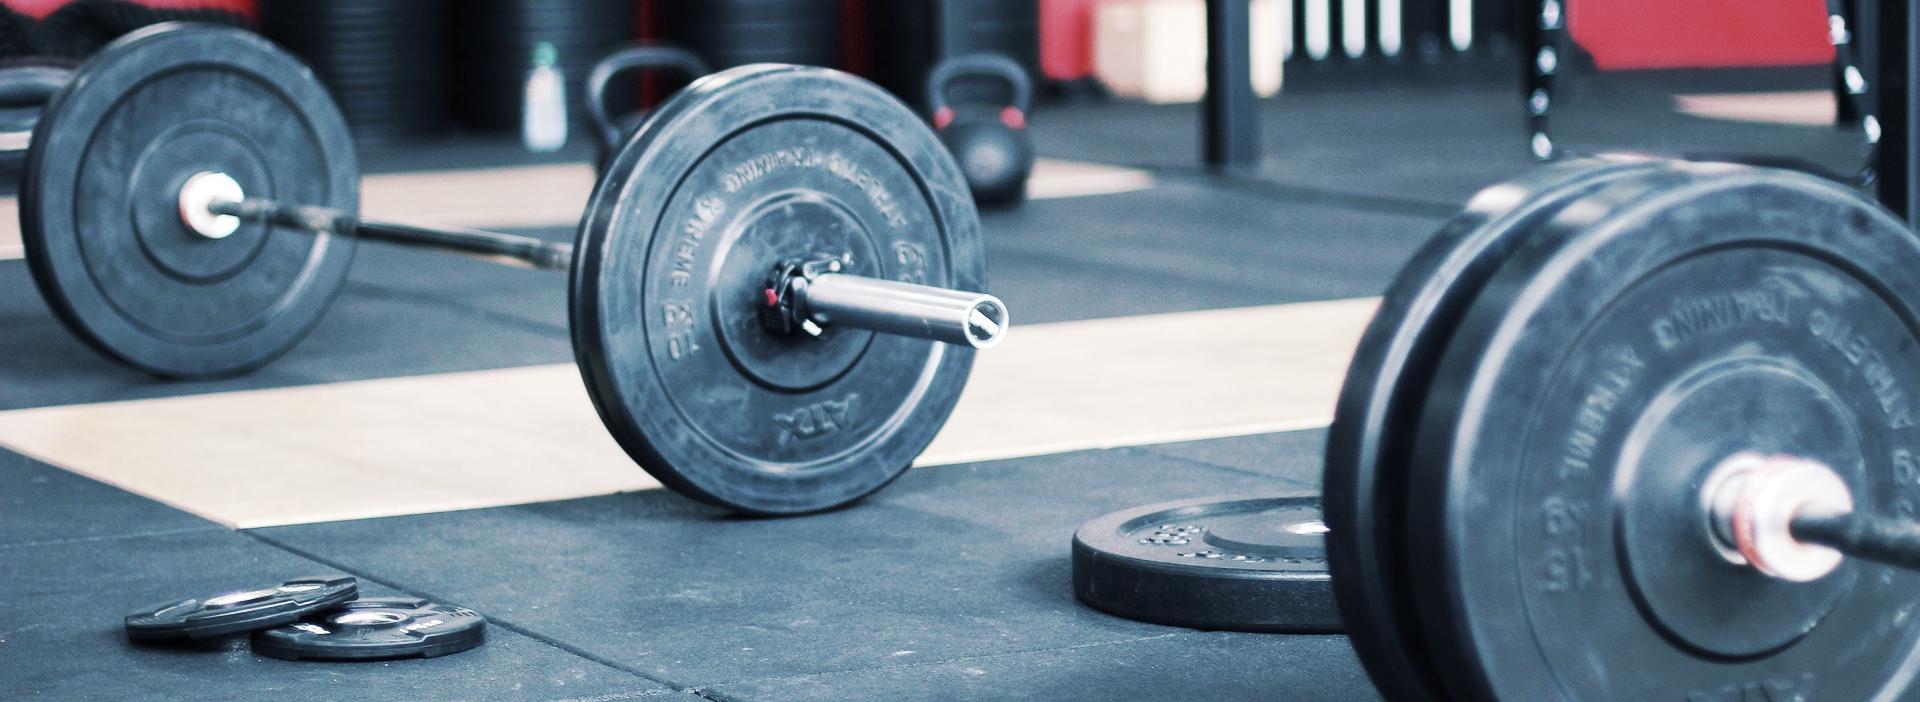 weights-1634747_1920.jpg